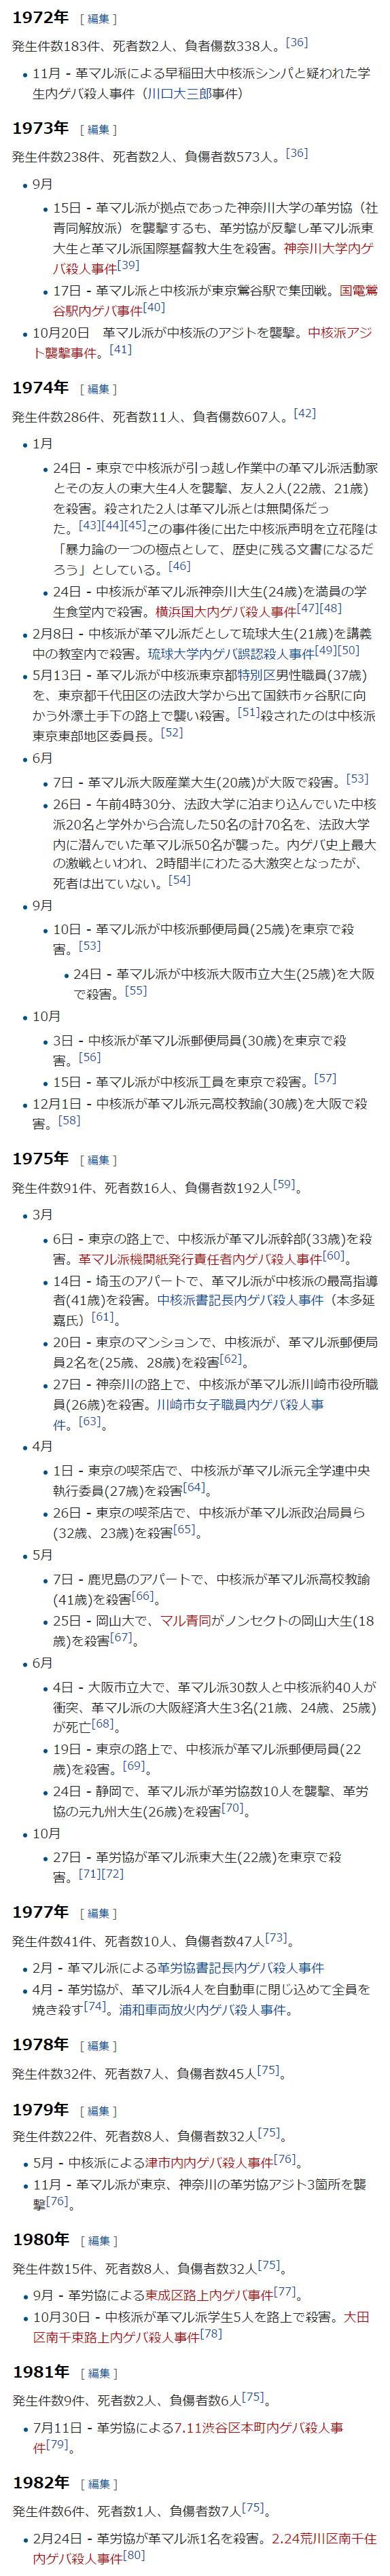 内ゲバの年表2